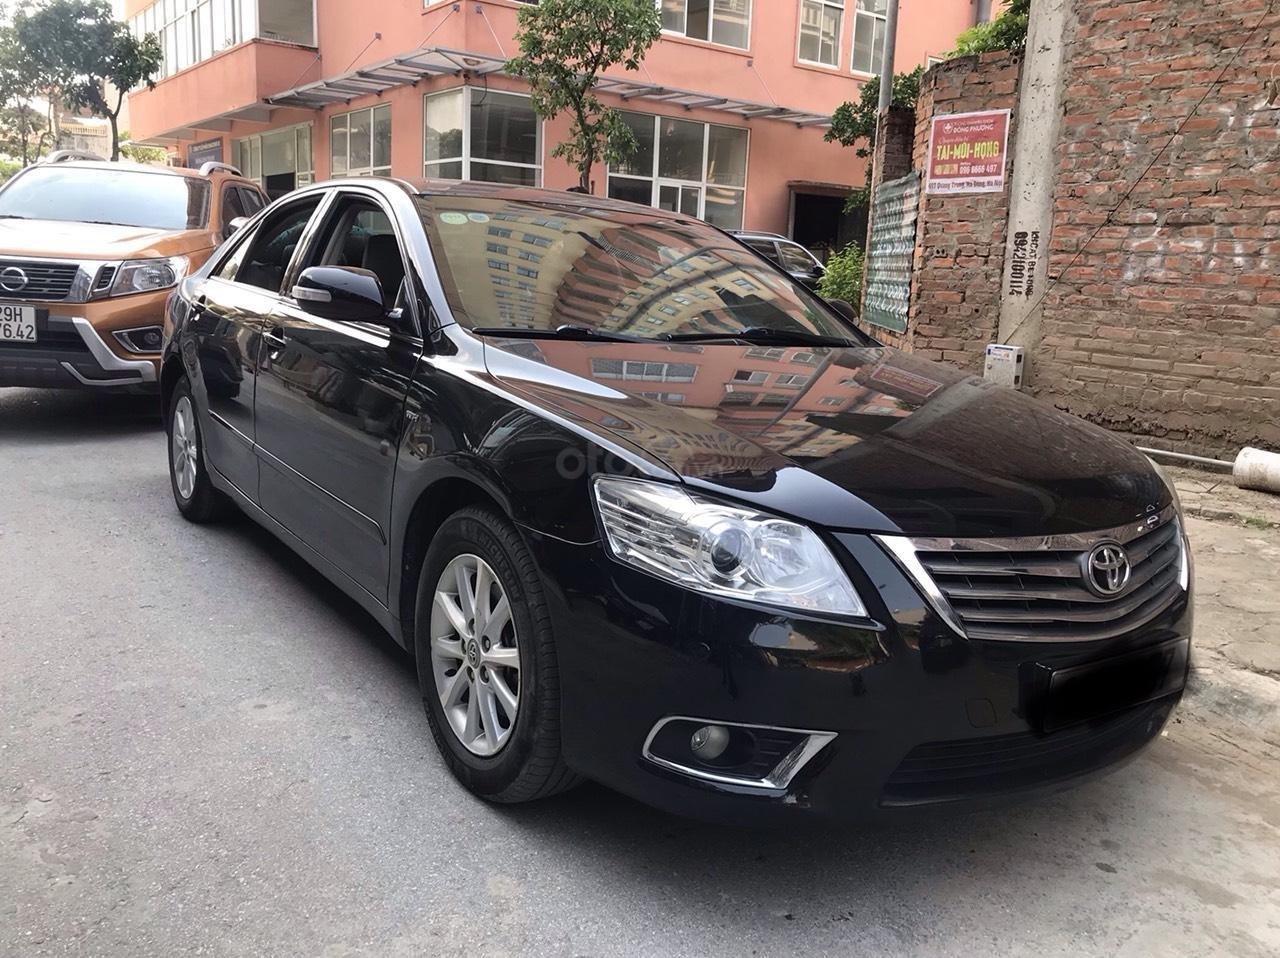 Chính chủ bán xe Camry 2.4G sản xuất và đăng ký năm 2010 (2)